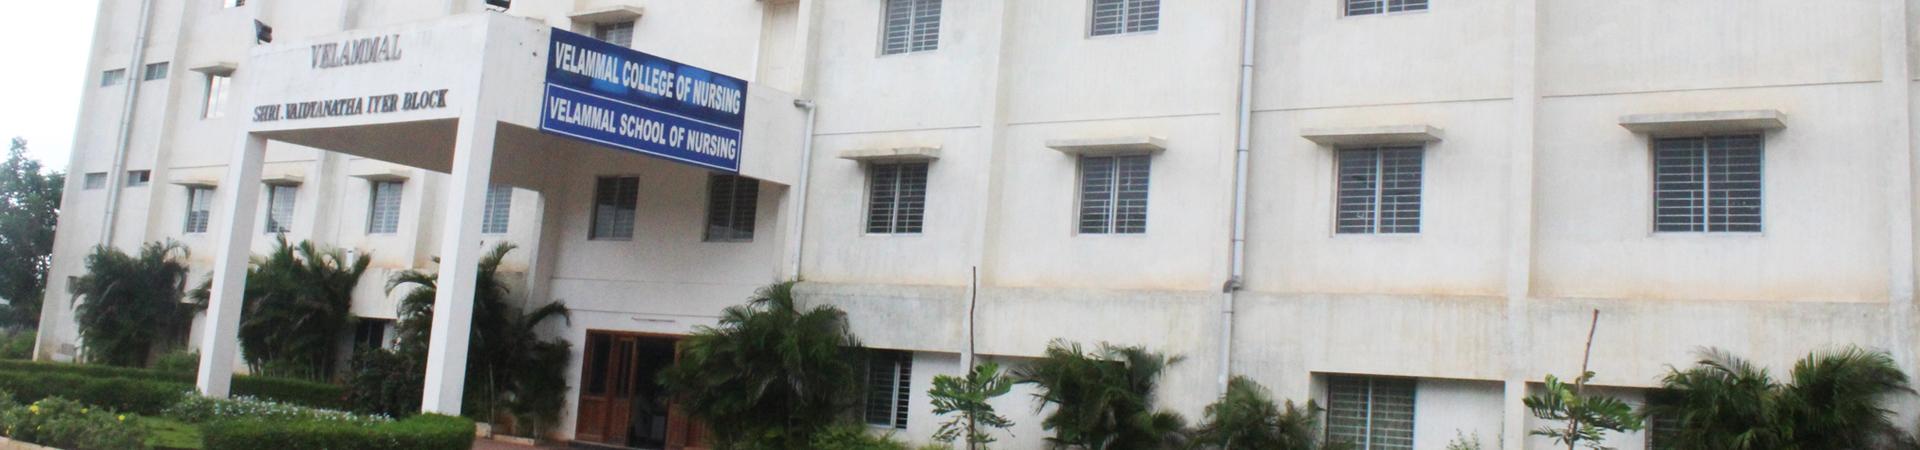 Velammal College of Nursing, Madurai Image